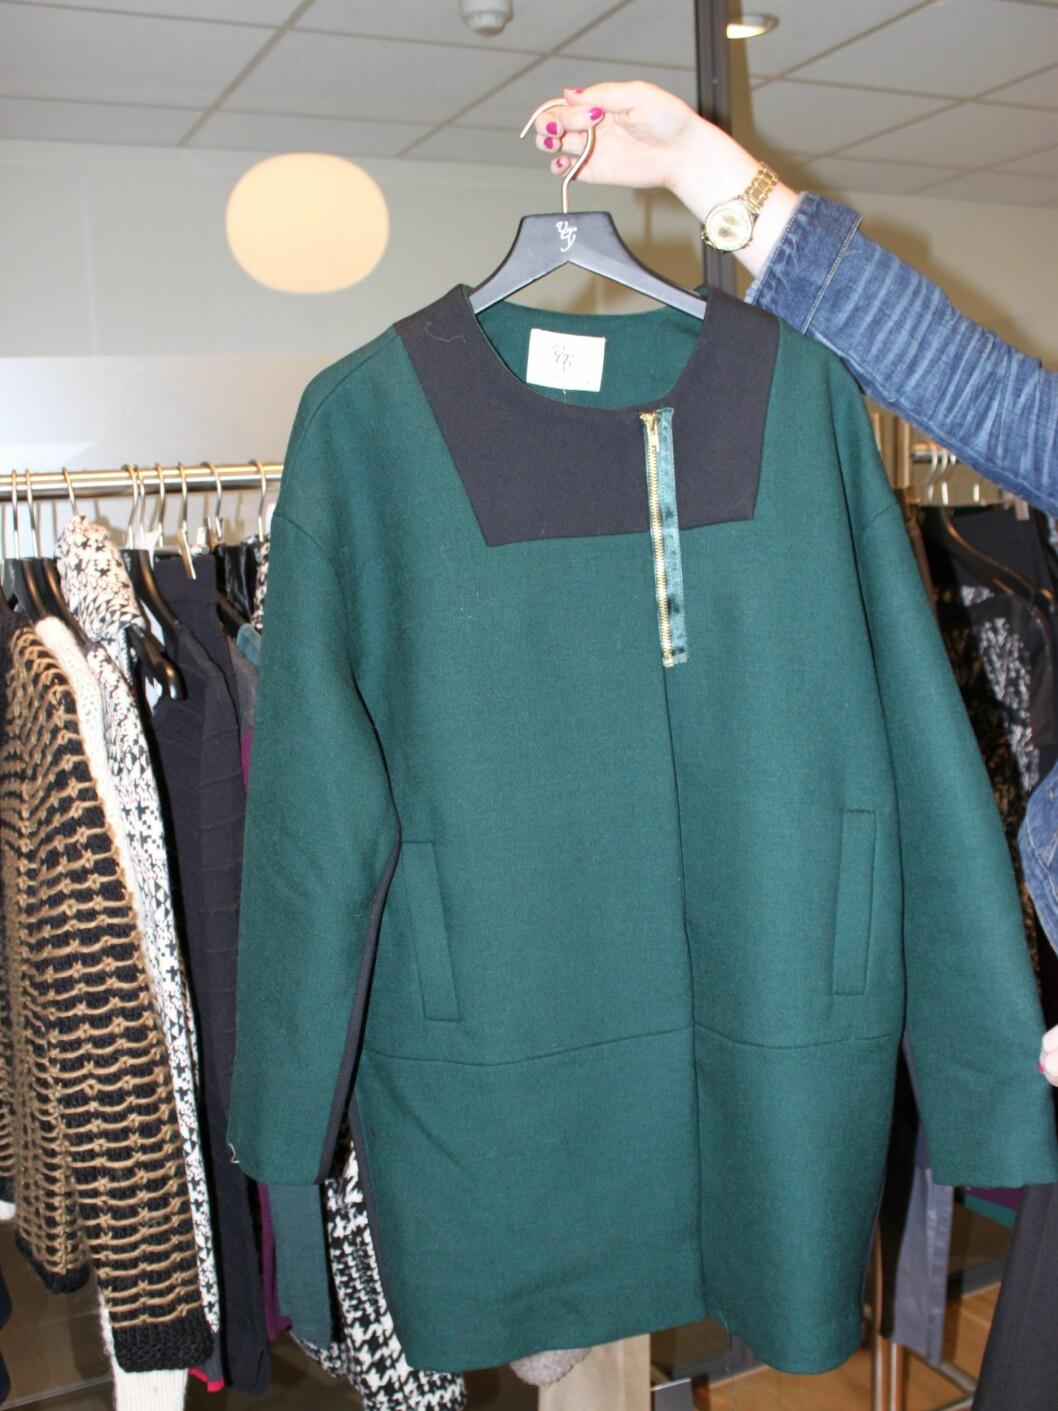 Flaskegrønt er en av høsten største farger, gjerne i kombinasjon med svart.  Foto: Tone Ruud Engen